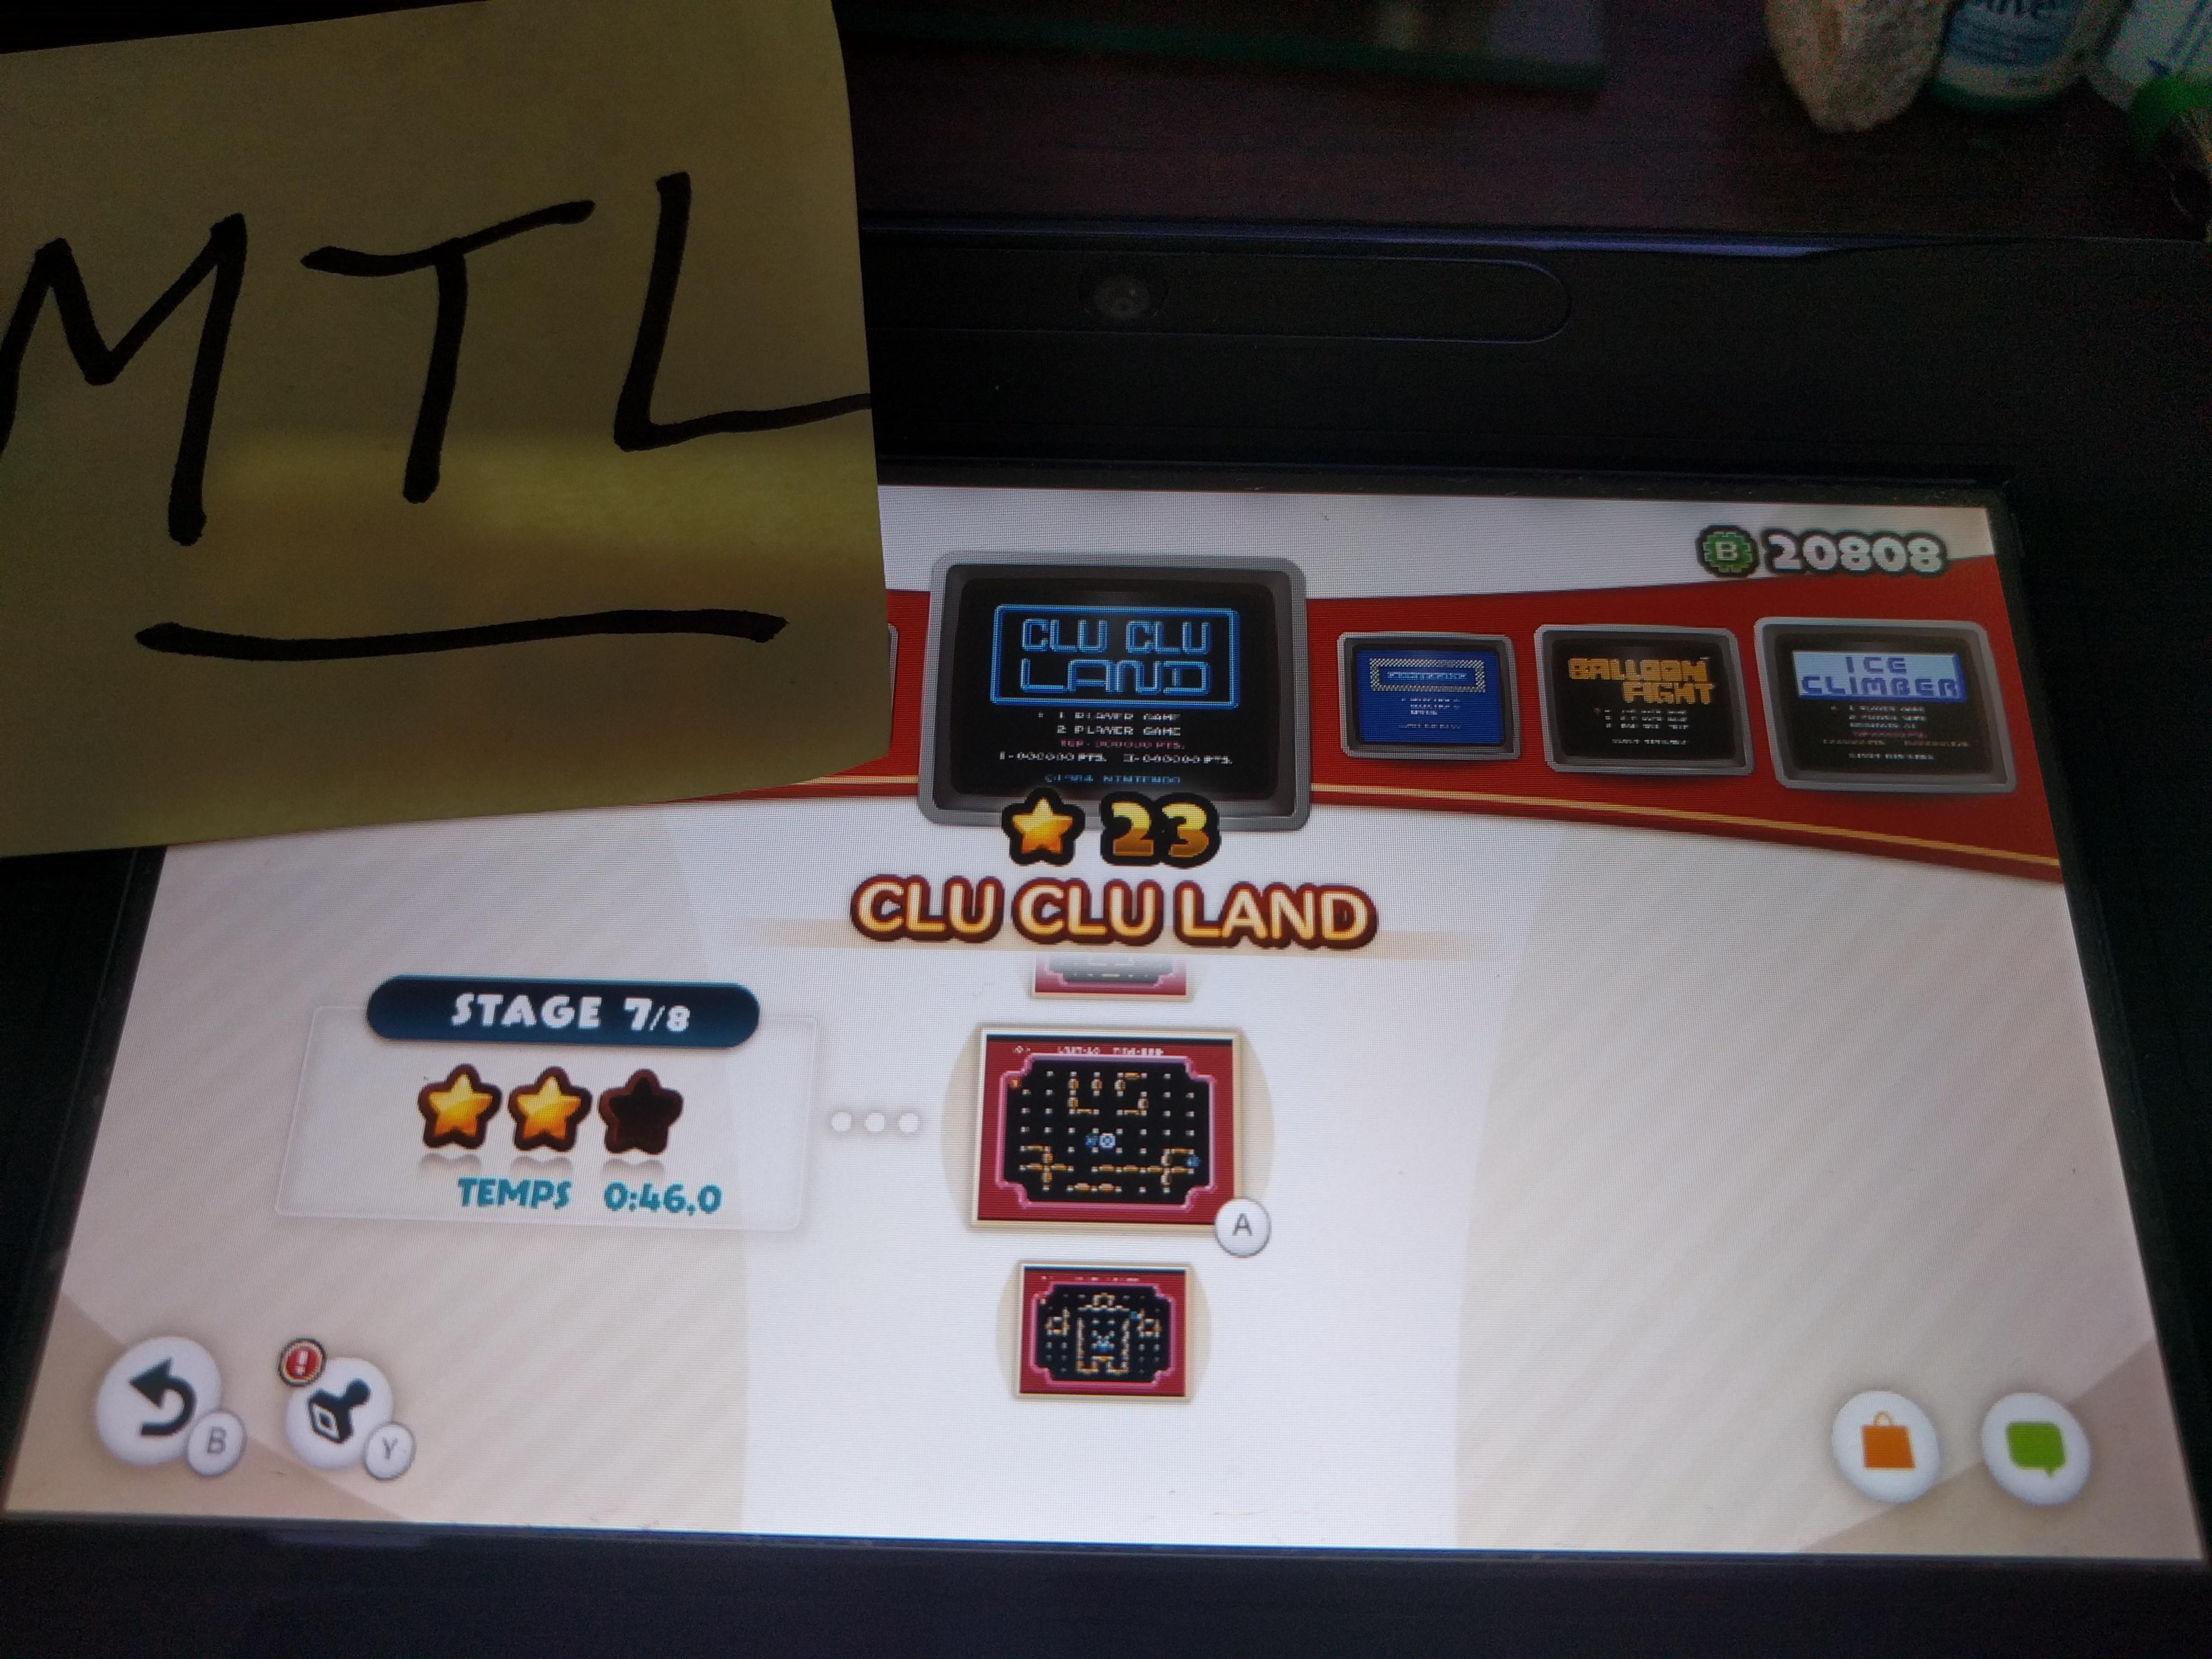 Mantalow: NES Remix: Clu Clu Land: Stage 7 (Wii U) 0:00:46 points on 2016-06-09 02:02:55